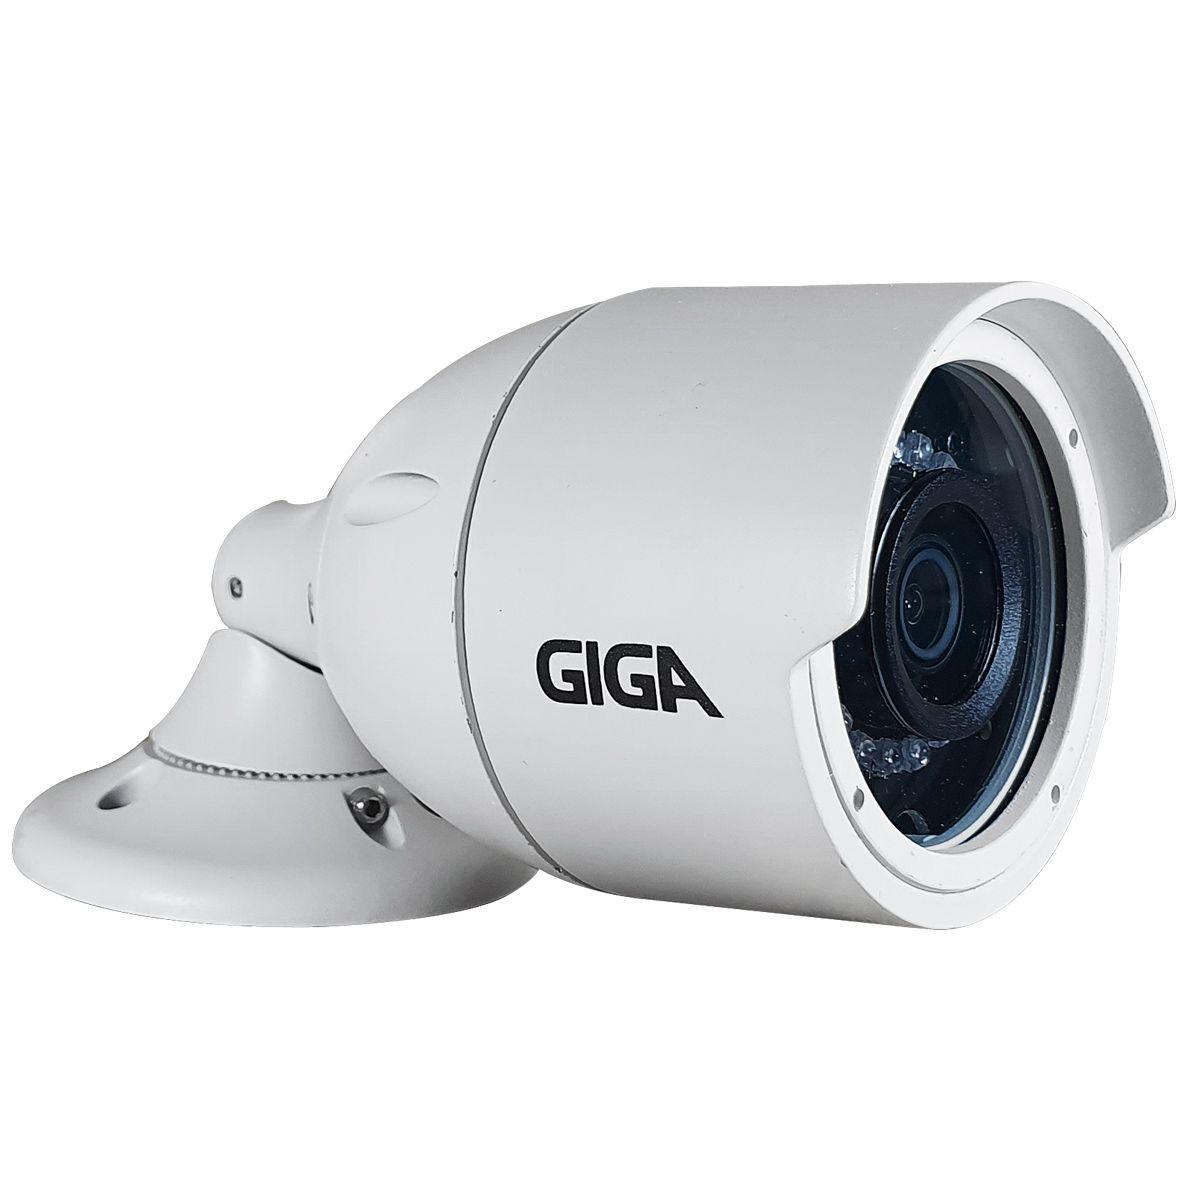 Kit 6 Câmeras 5MP + DVR Giga +  HD 1TB + App de  Monitoramento, Câmeras 30m Infravermelho de Visão Noturna Giga Security GS0047 Completo com Acessórios  - Tudo Forte